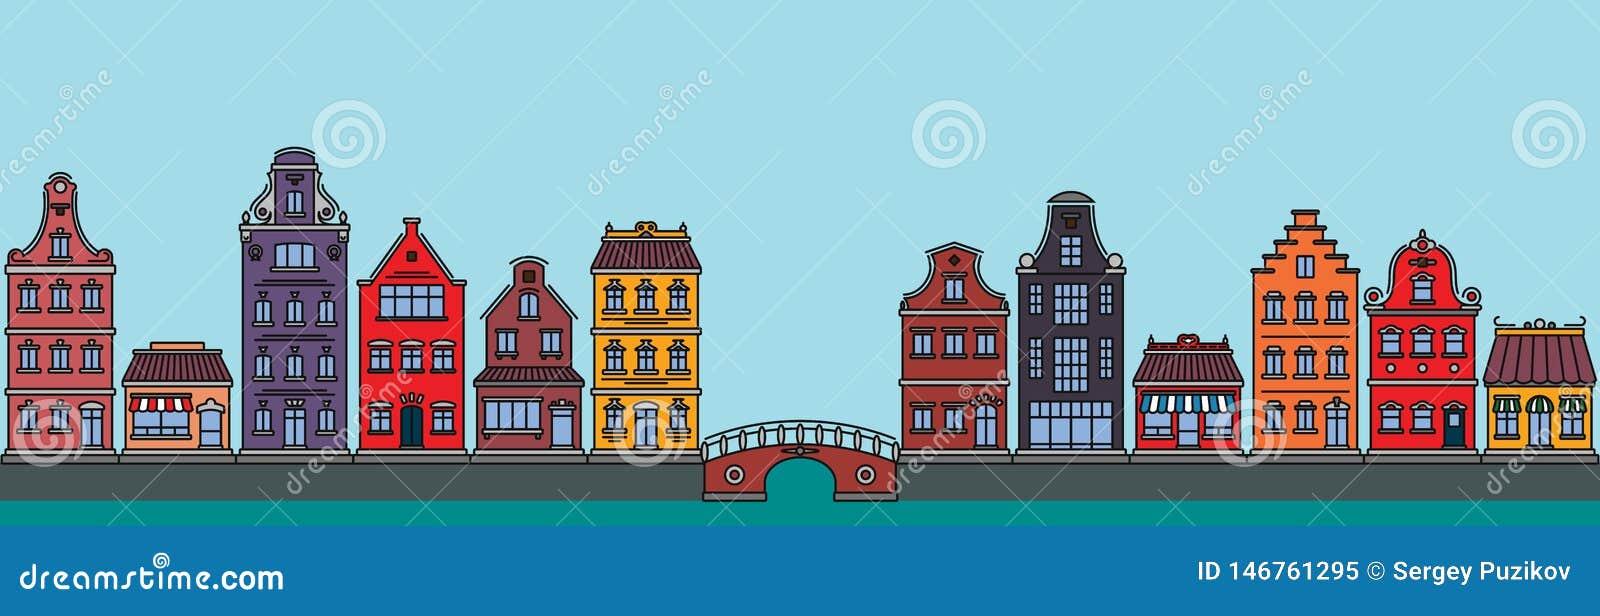 Επίπεδο γραμμικό πανόραμα του τοπίου πόλεων με τα κτήρια και τα σπίτια τουρισμός, ταξίδι στο Άμστερνταμ